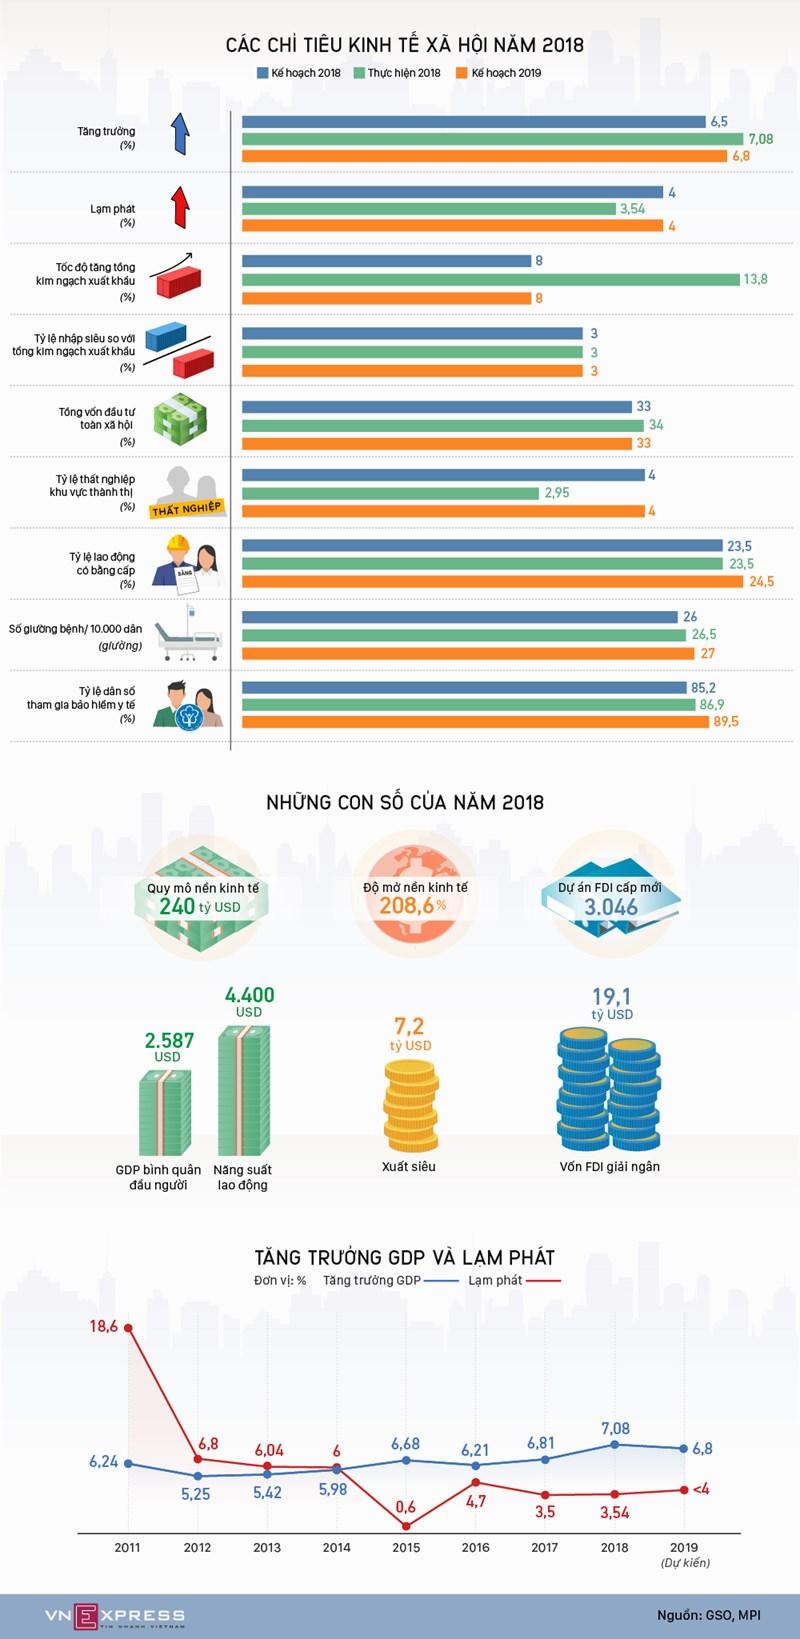 [Infographic] Bức tranh kinh tế nhiều kỷ lục năm 2018 - Ảnh 1